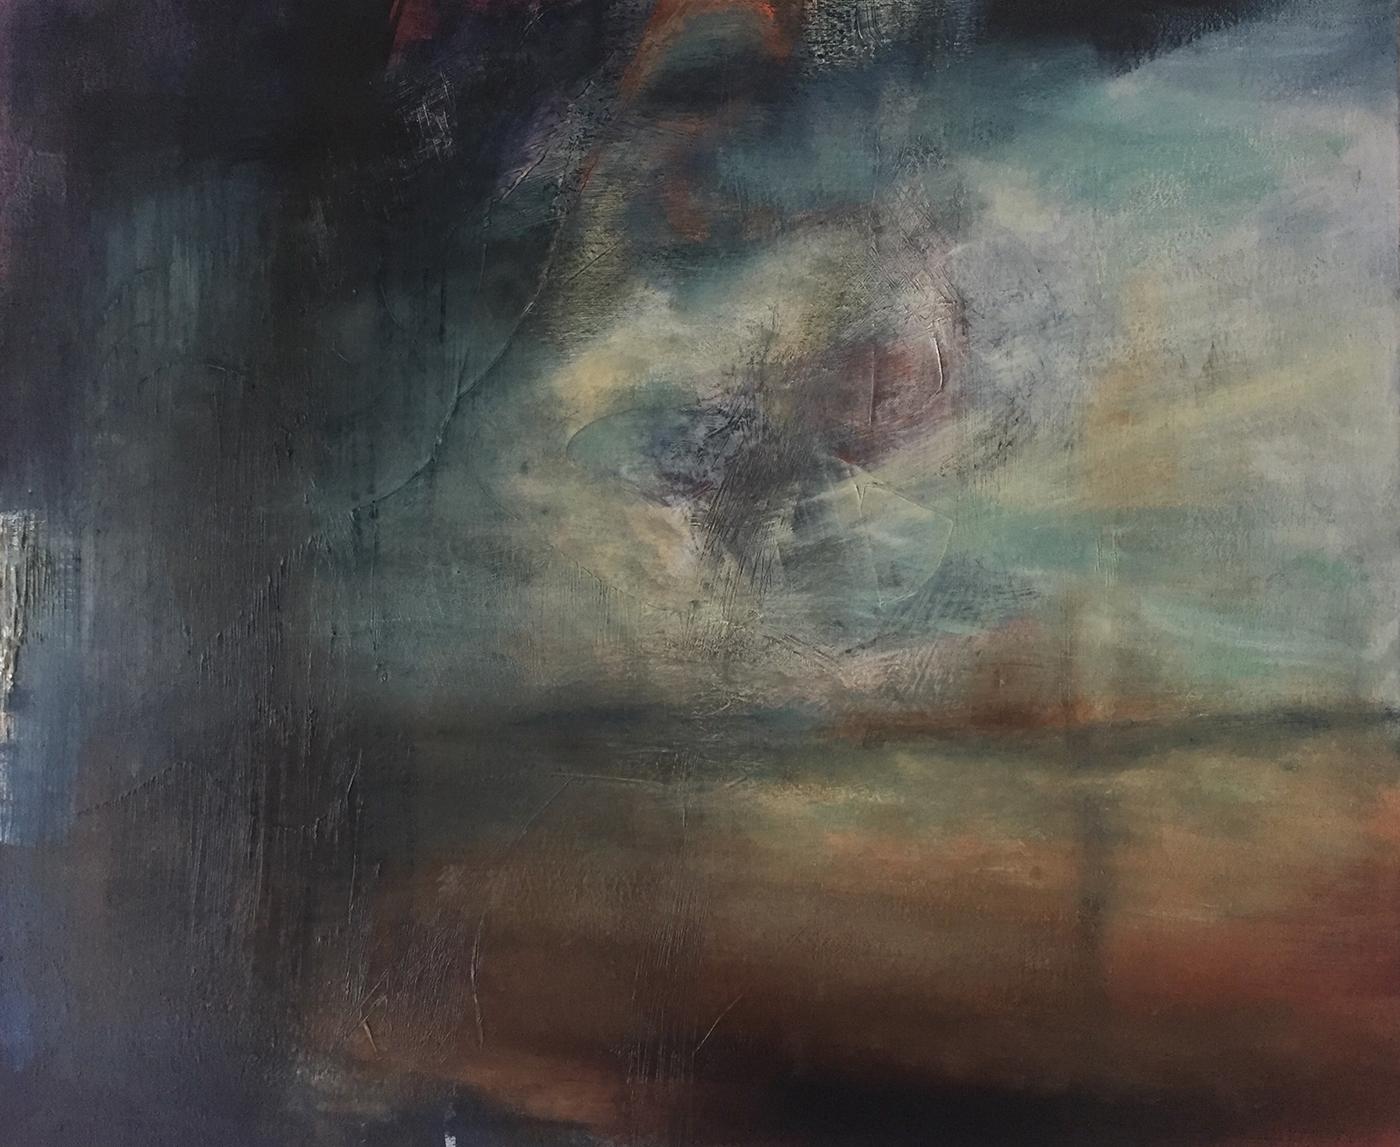 Ölbild, Wolkenbruch, Meer